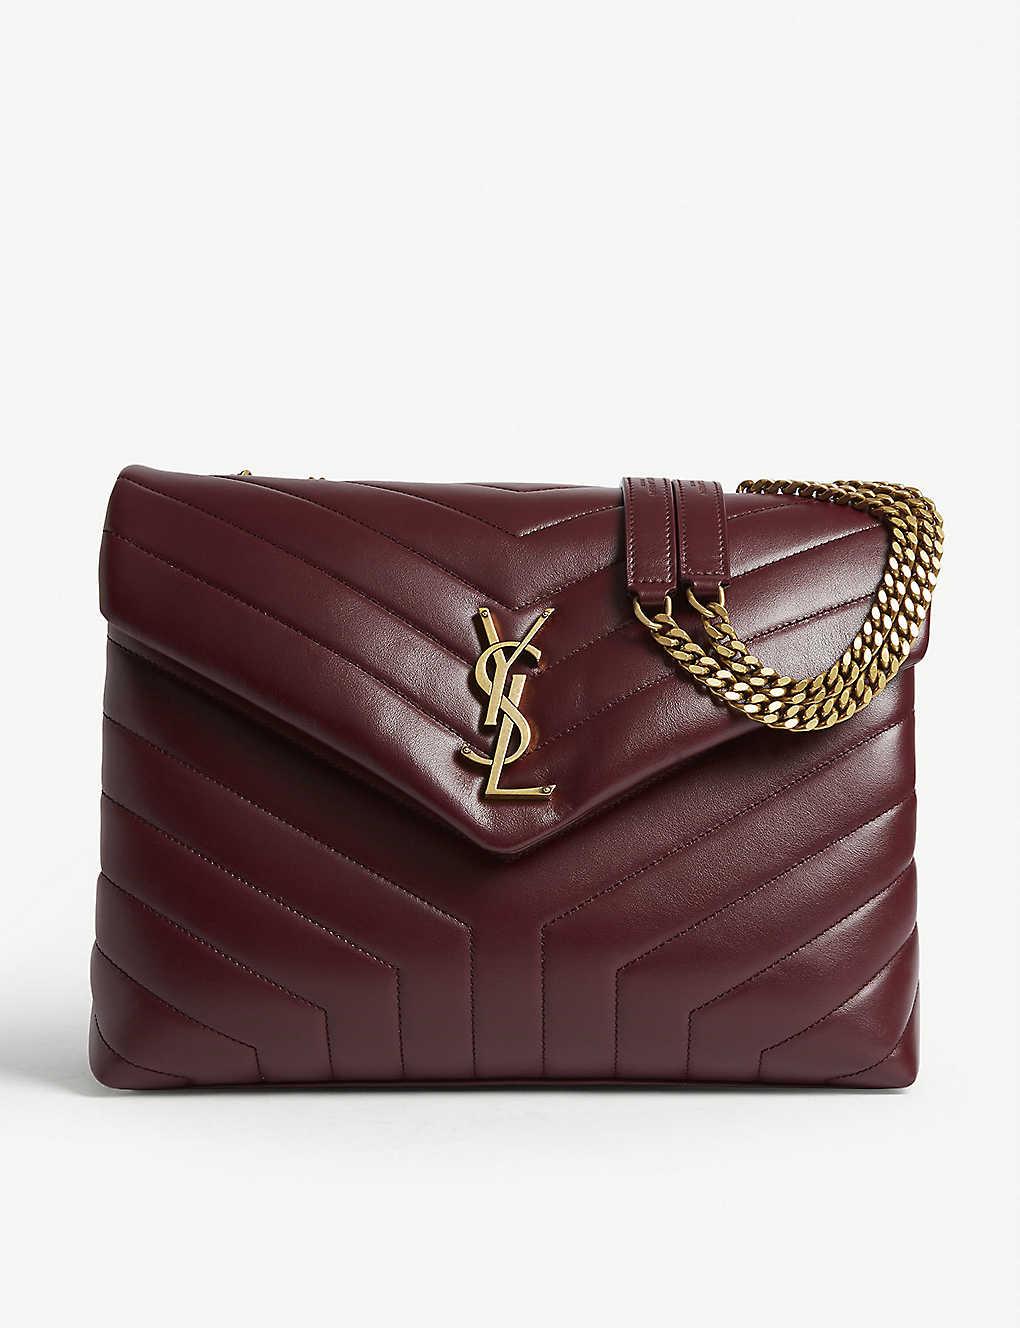 5cd8f7544de SAINT LAURENT - Lou Lou quilted leather shoulder bag   Selfridges.com